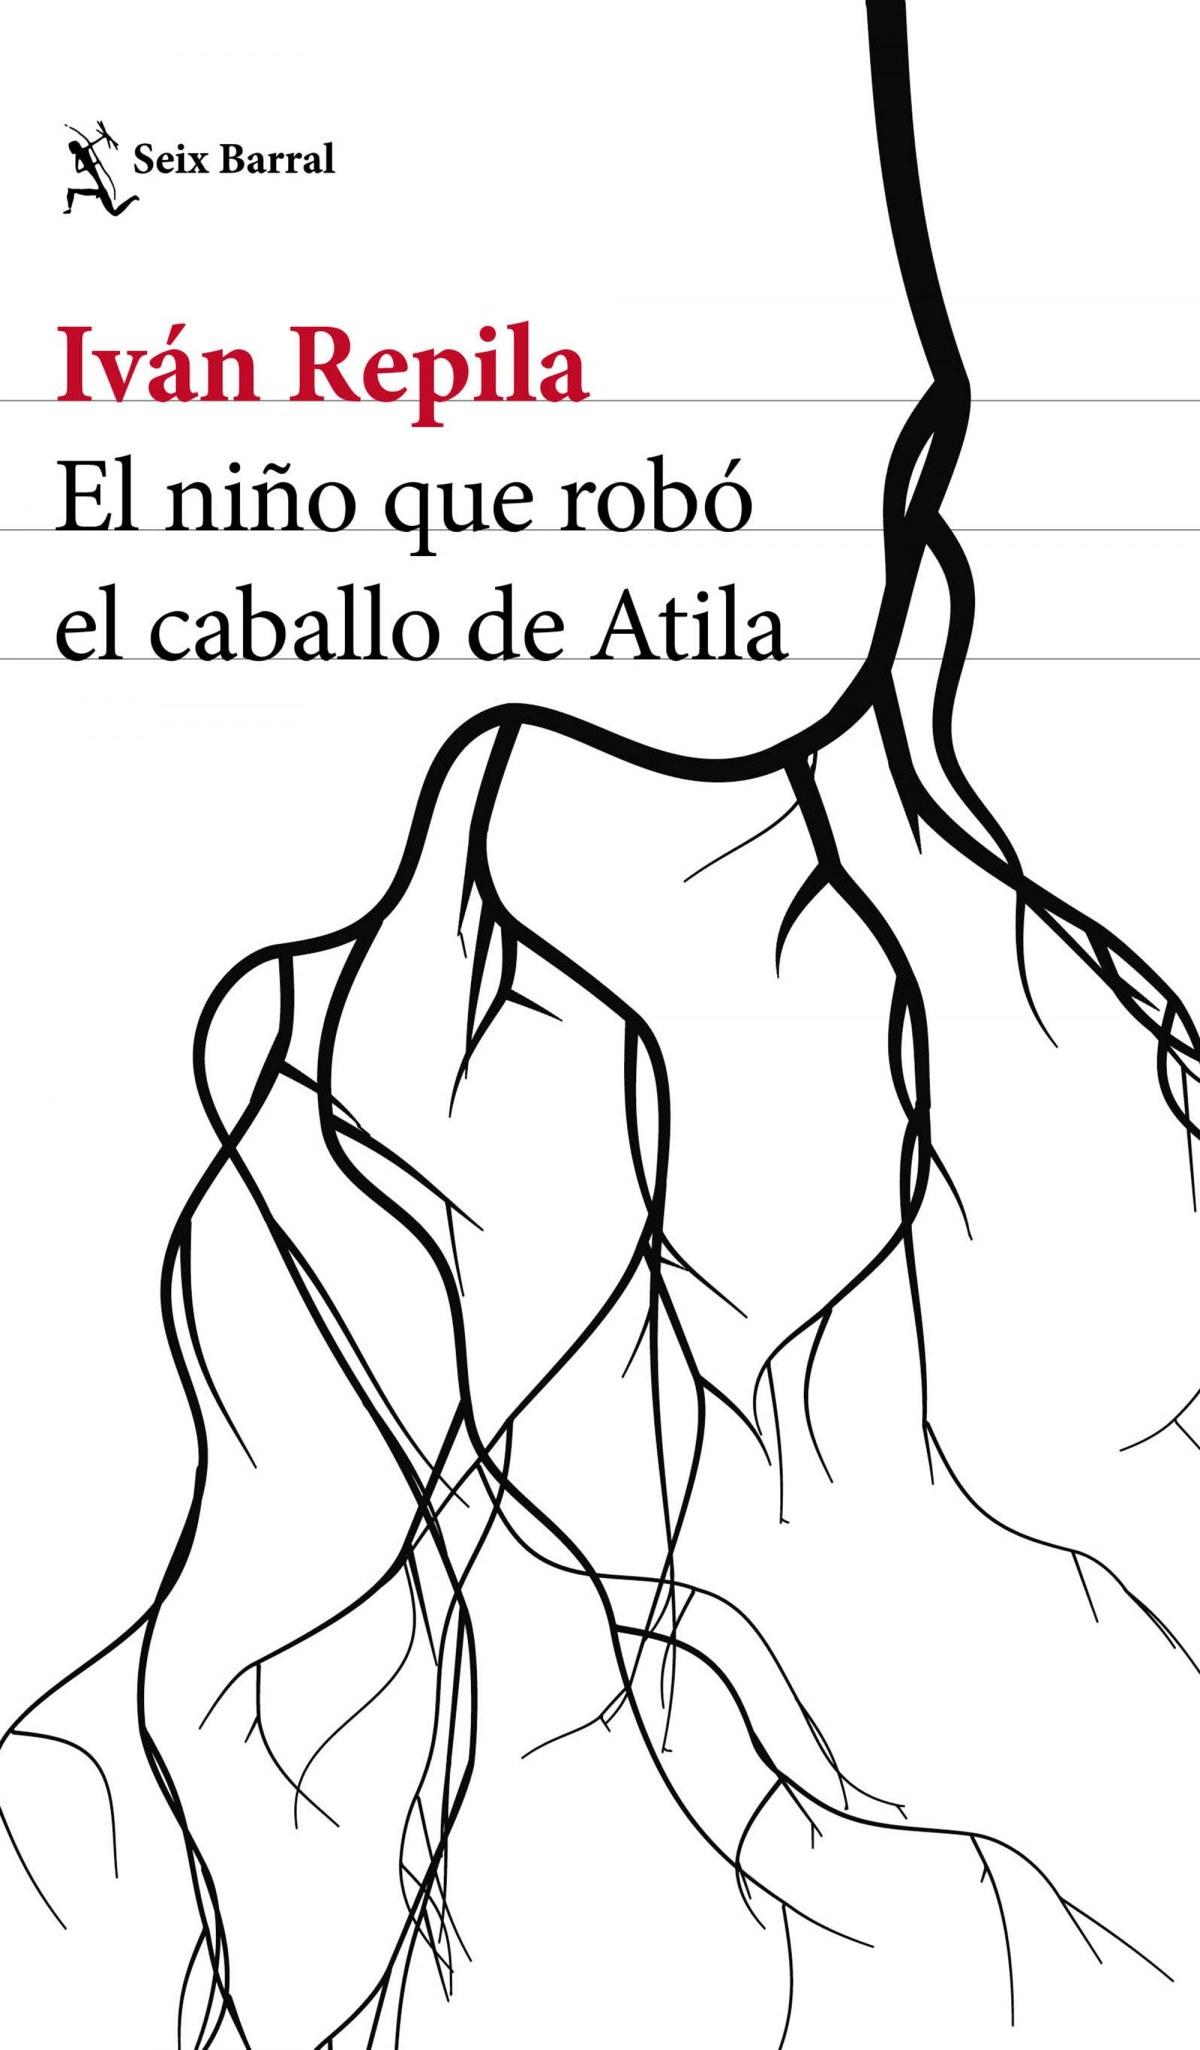 EL NIÑO QUE ROBO EL CABALLO DE ATILA